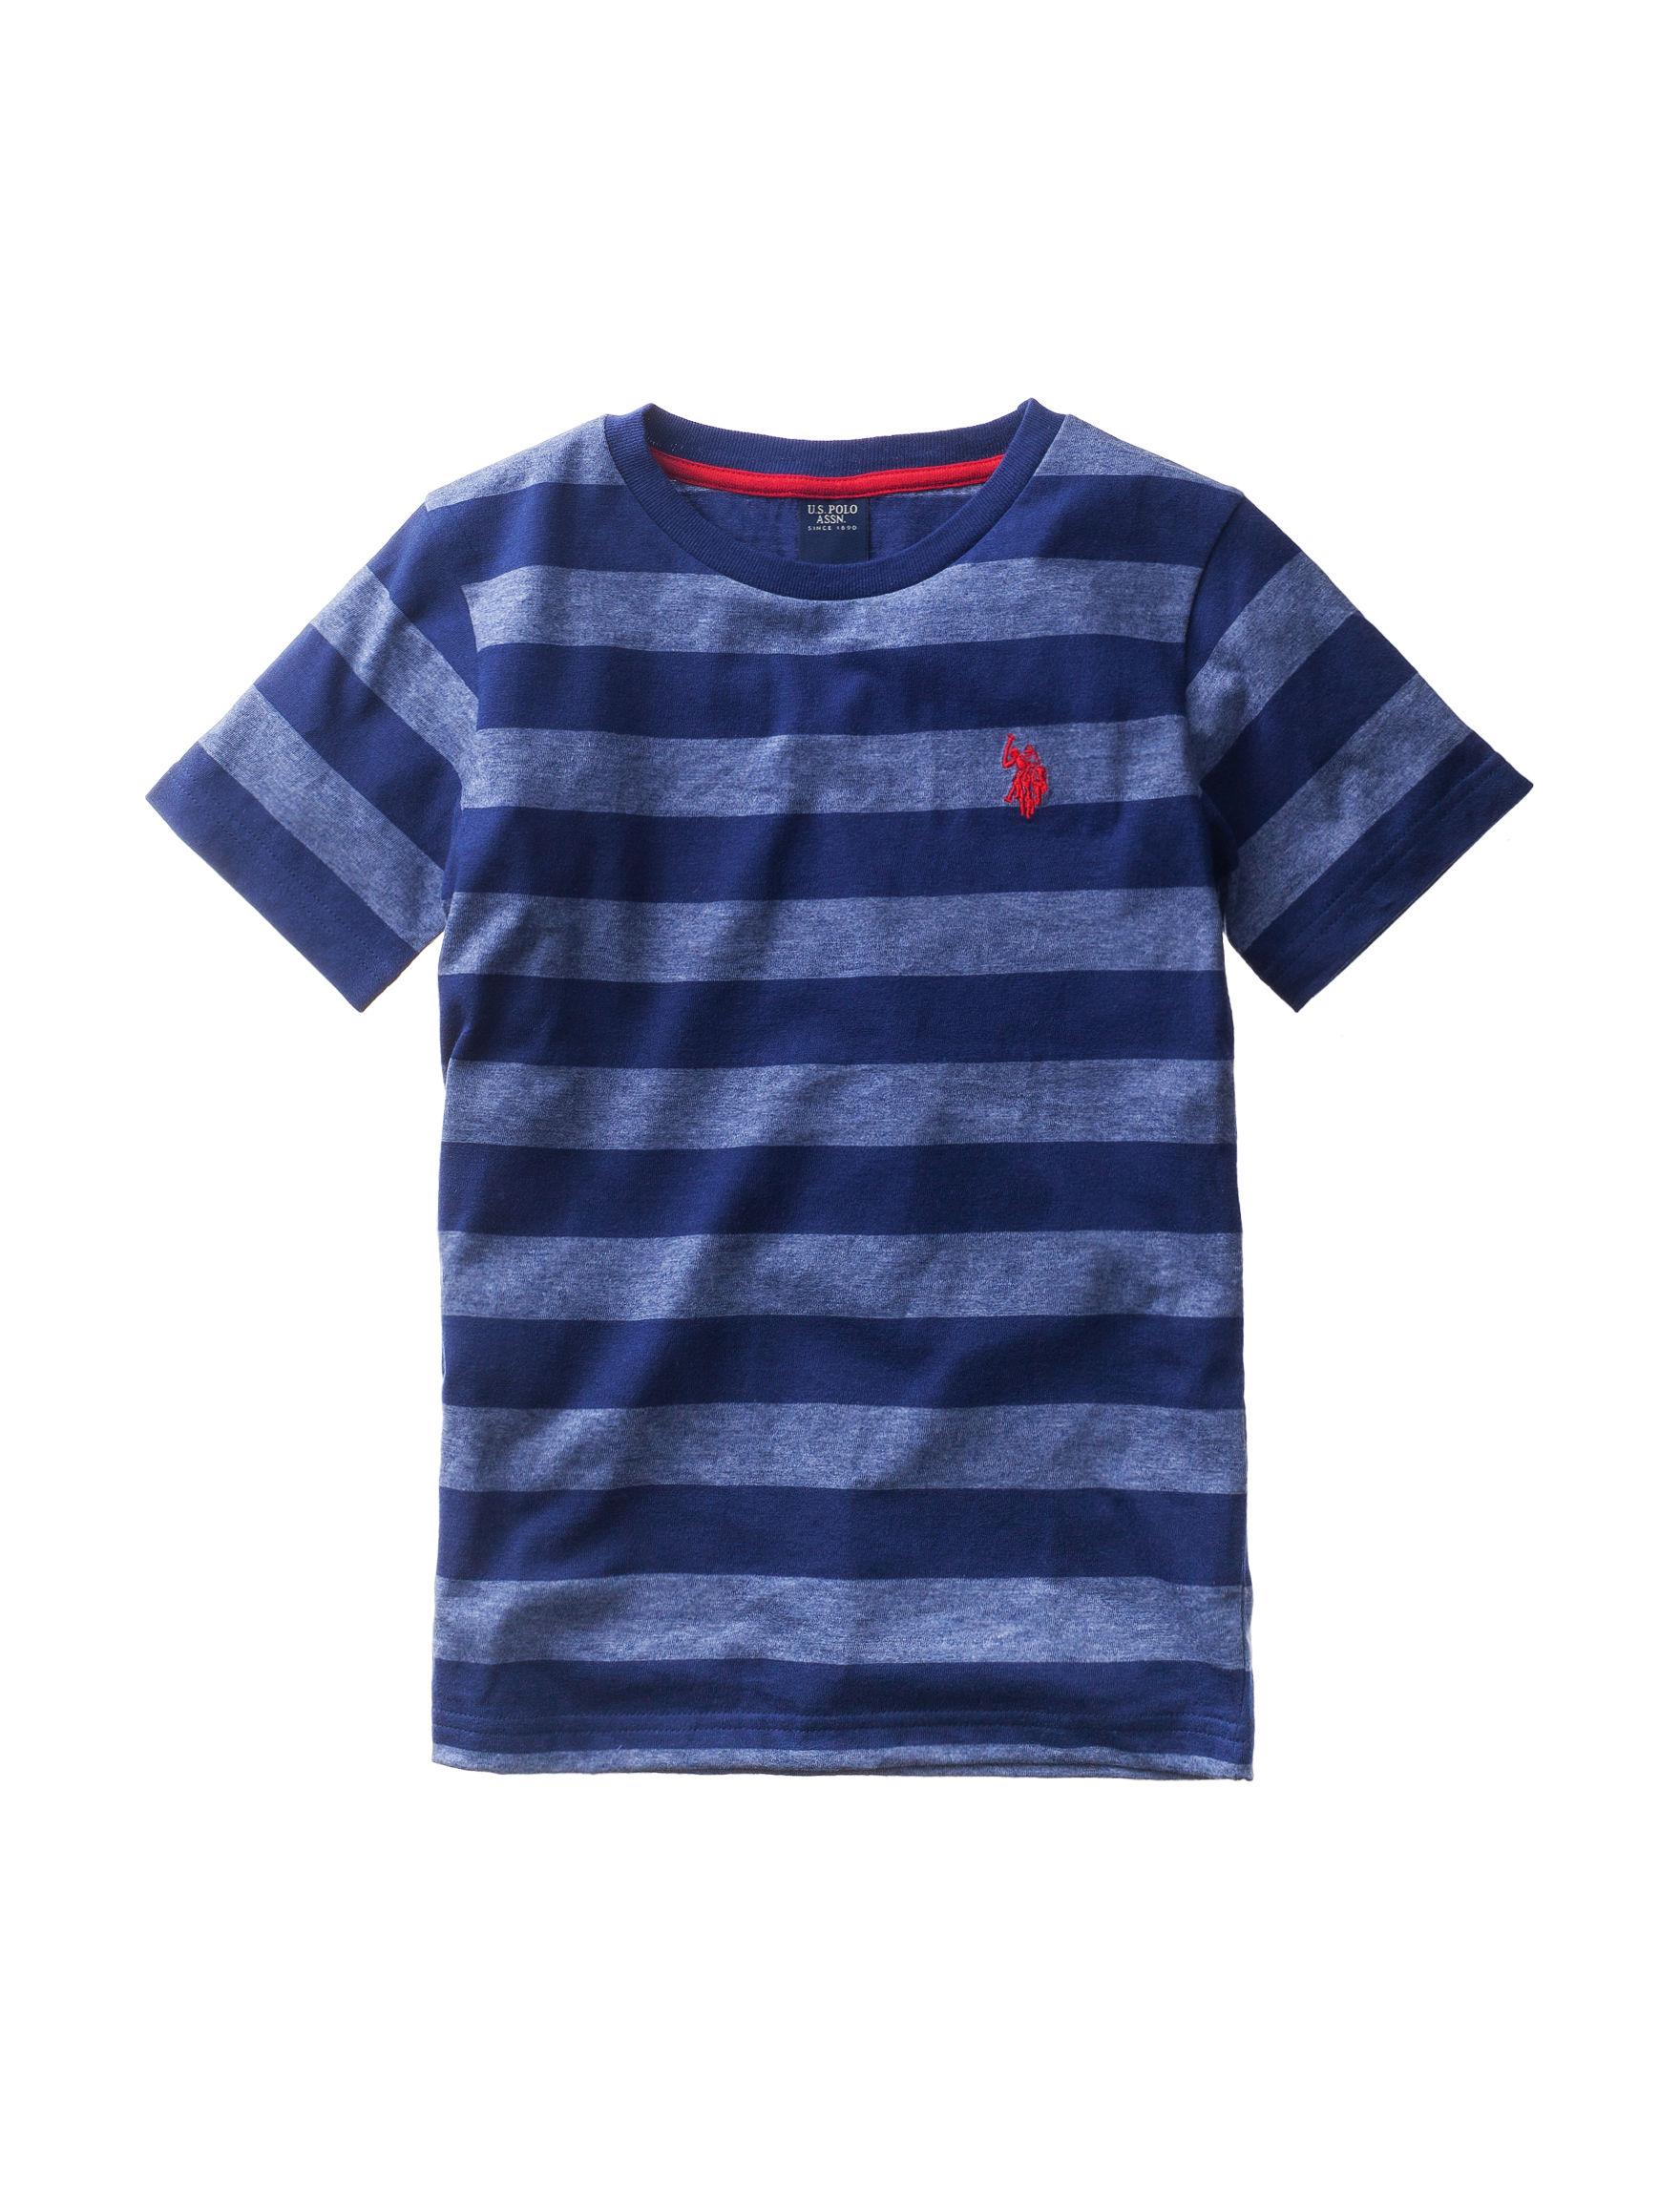 U.S. Polo Assn. Blue